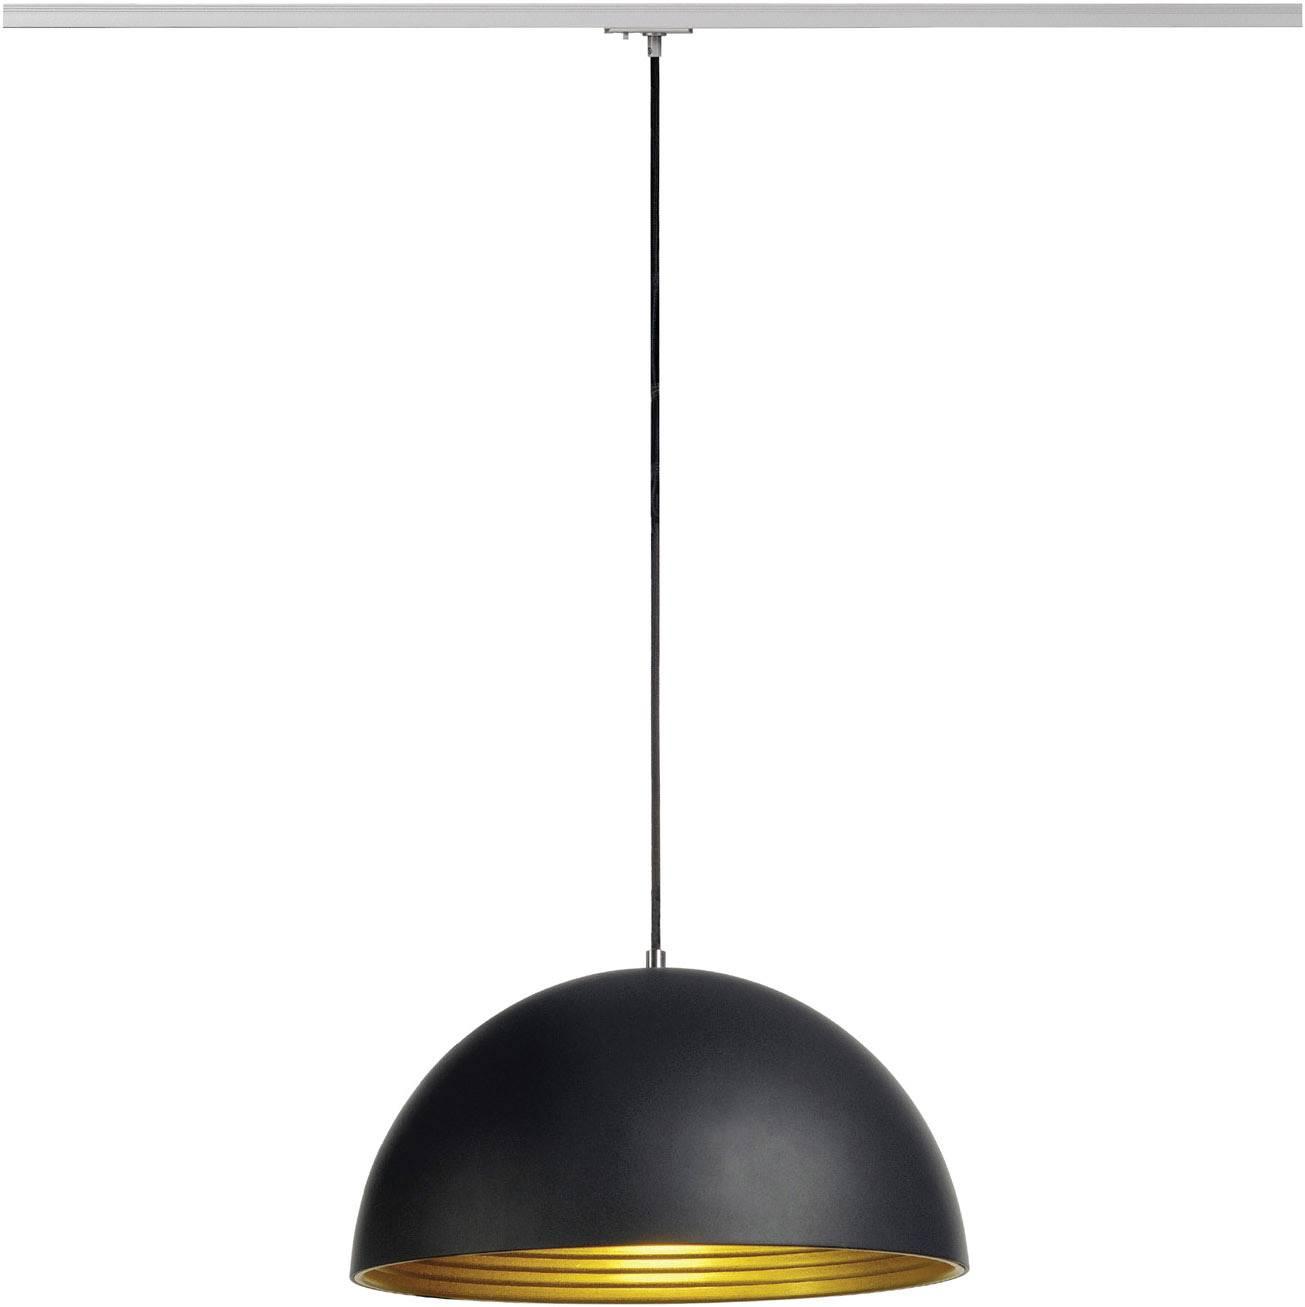 Závěsné světlo úsporná žárovka, LED SLV Forchini M 143930, E27, 40 W, černá, zlatá